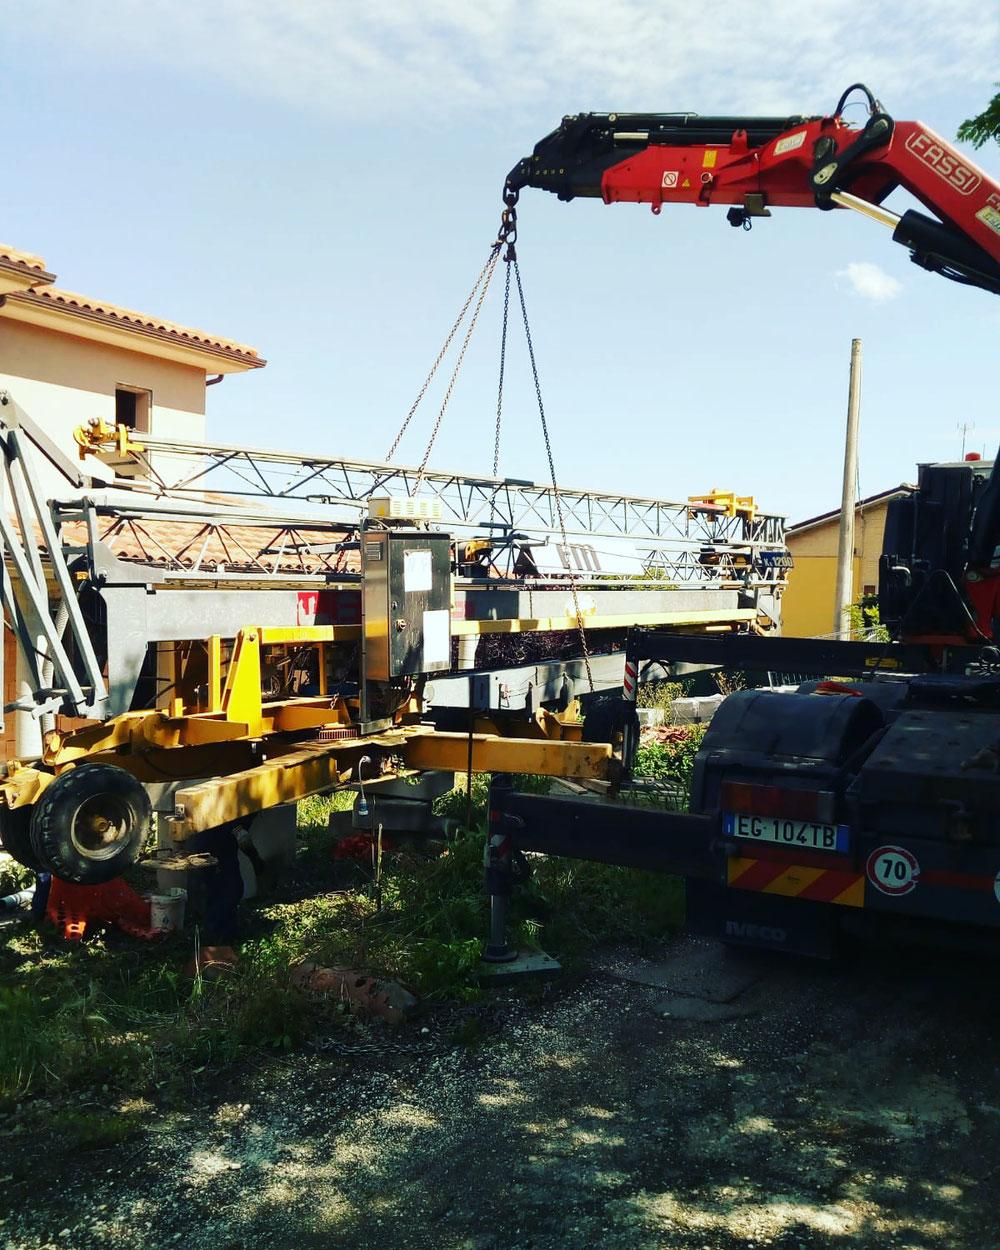 Noleggio bilico con gru e rimorchio ribassato per trasporto sollevamento montaggio gru edile a Cesenatico